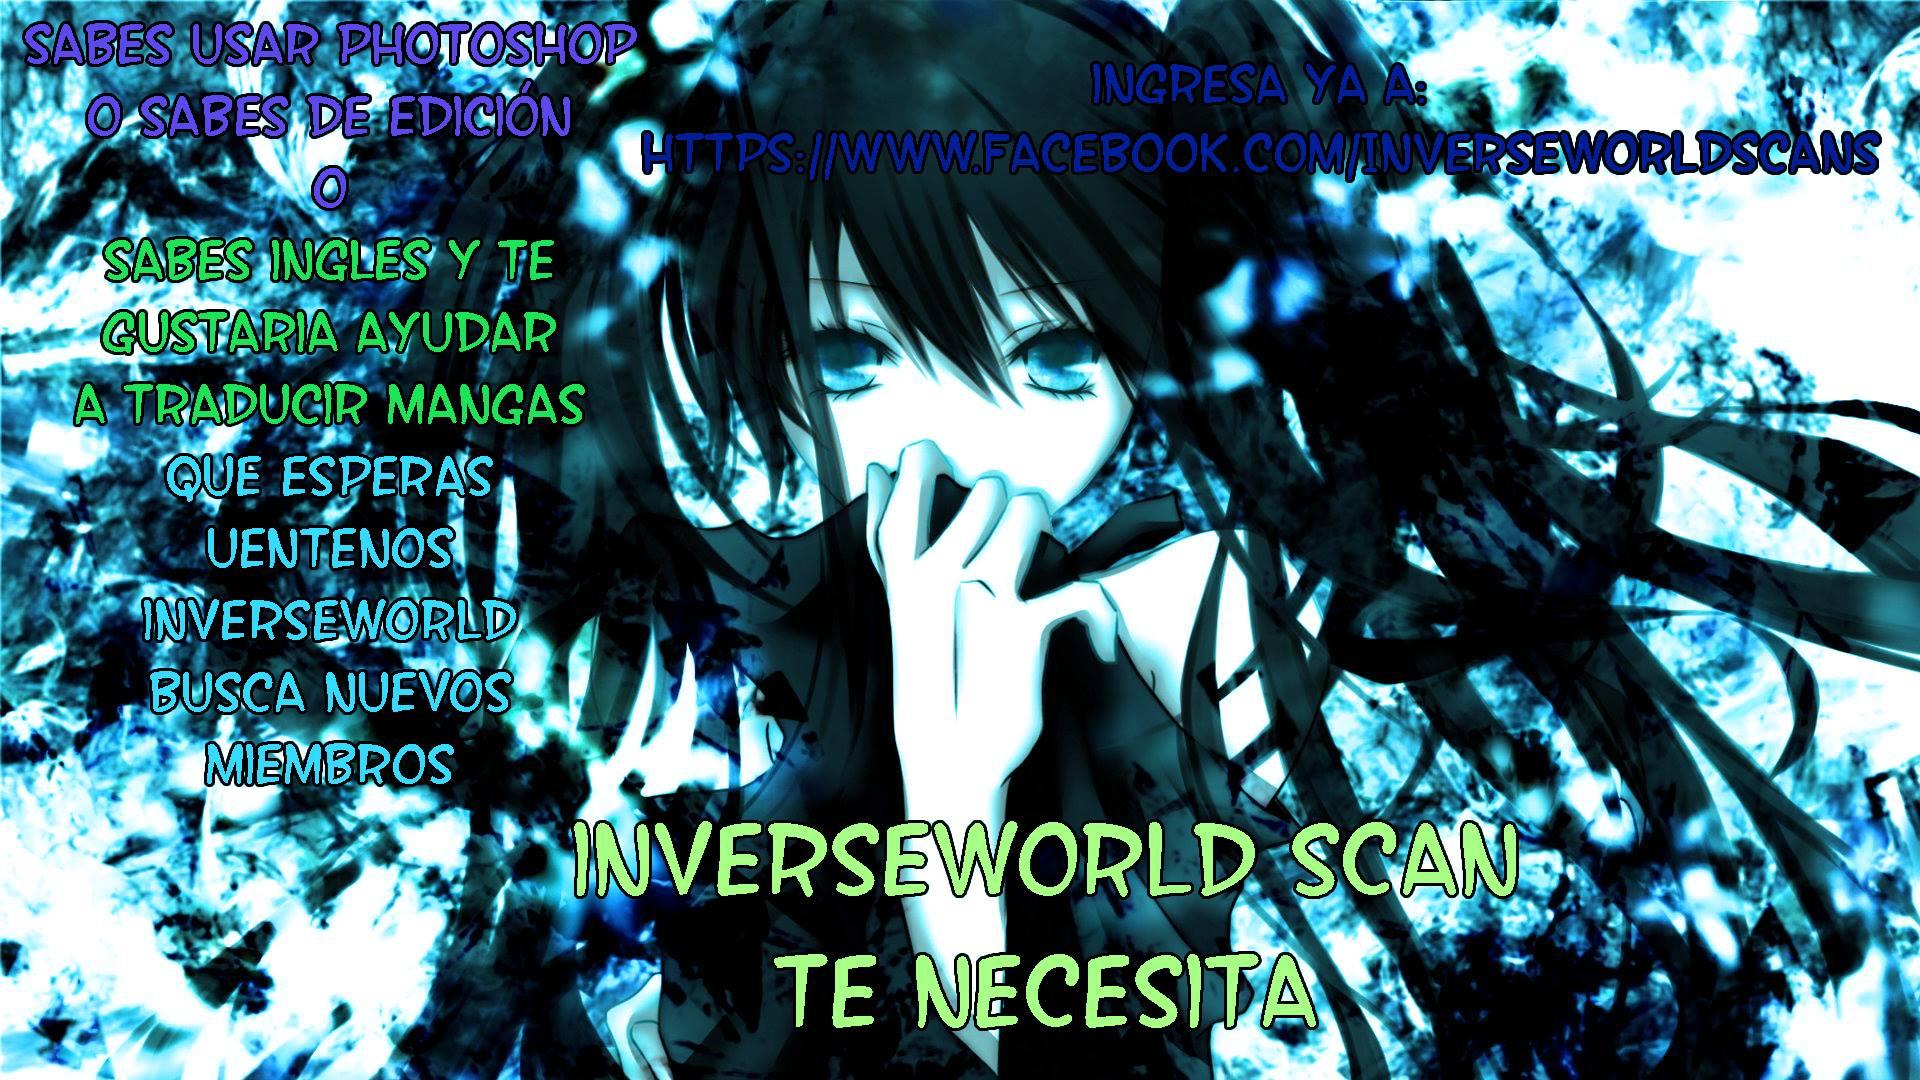 https://c5.mangatag.com/es_manga/10/14602/393024/386c6b22e02eeb08bbab3df14165501a.jpg Page 1